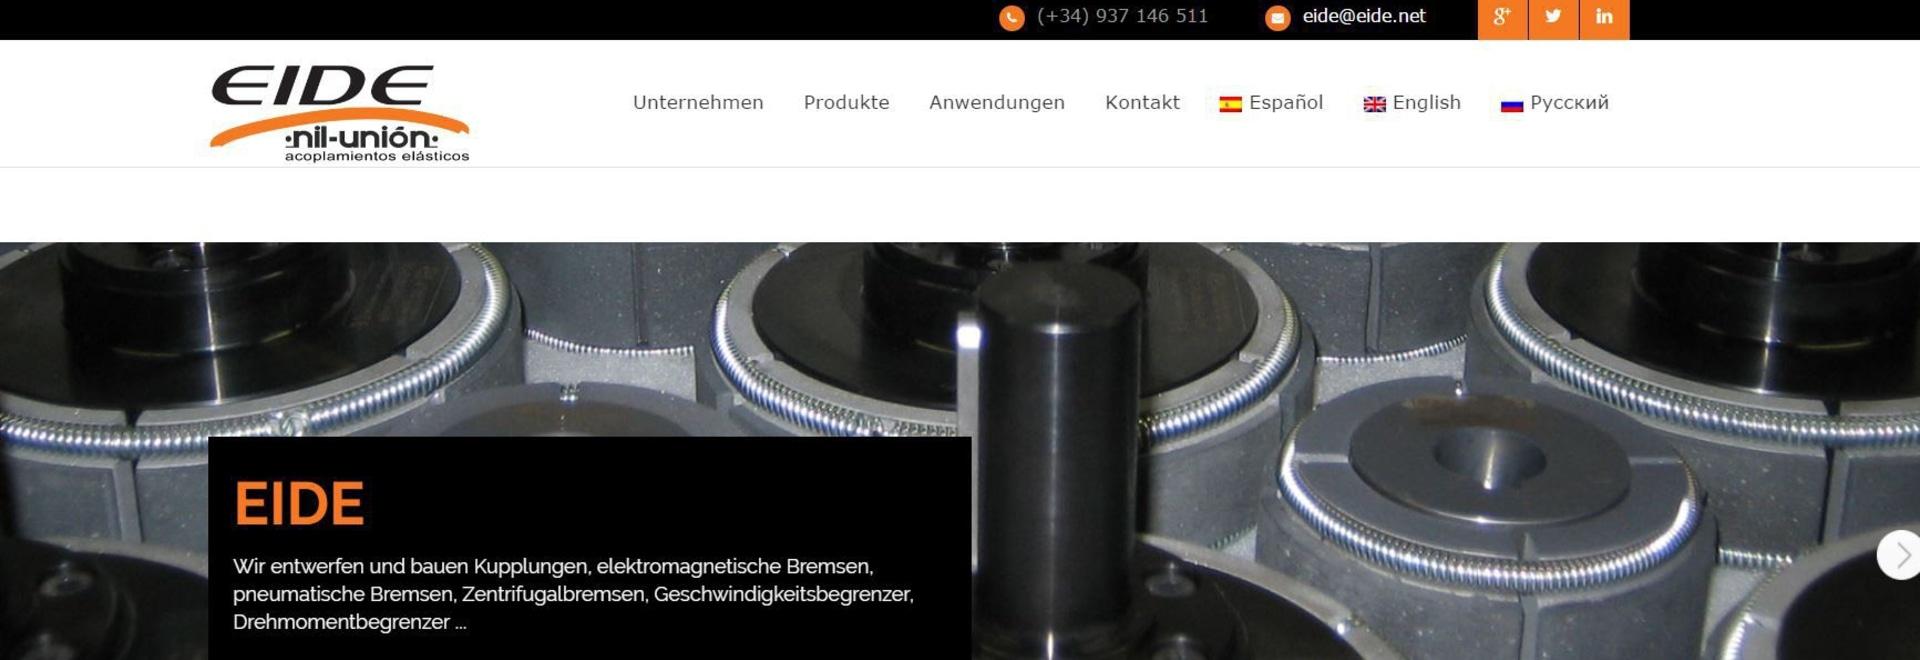 EIDE trust in Germany